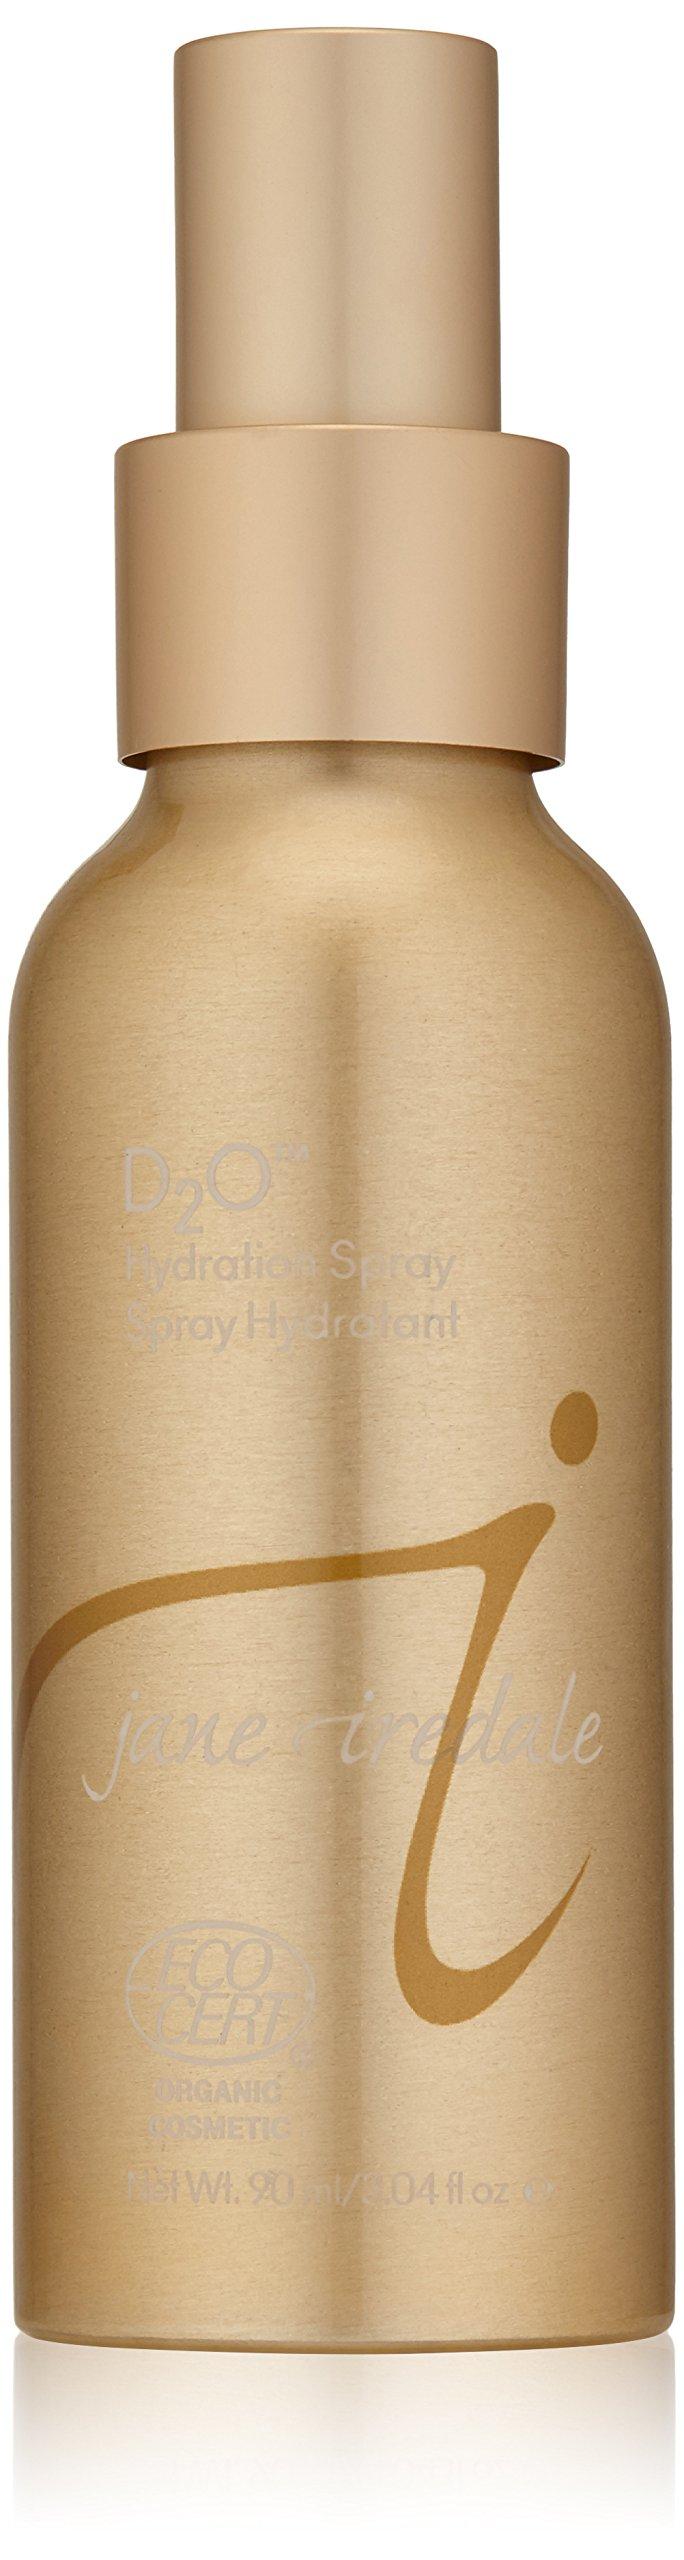 jane iredale D2O Hydration Spray, 3.04 oz. by jane iredale